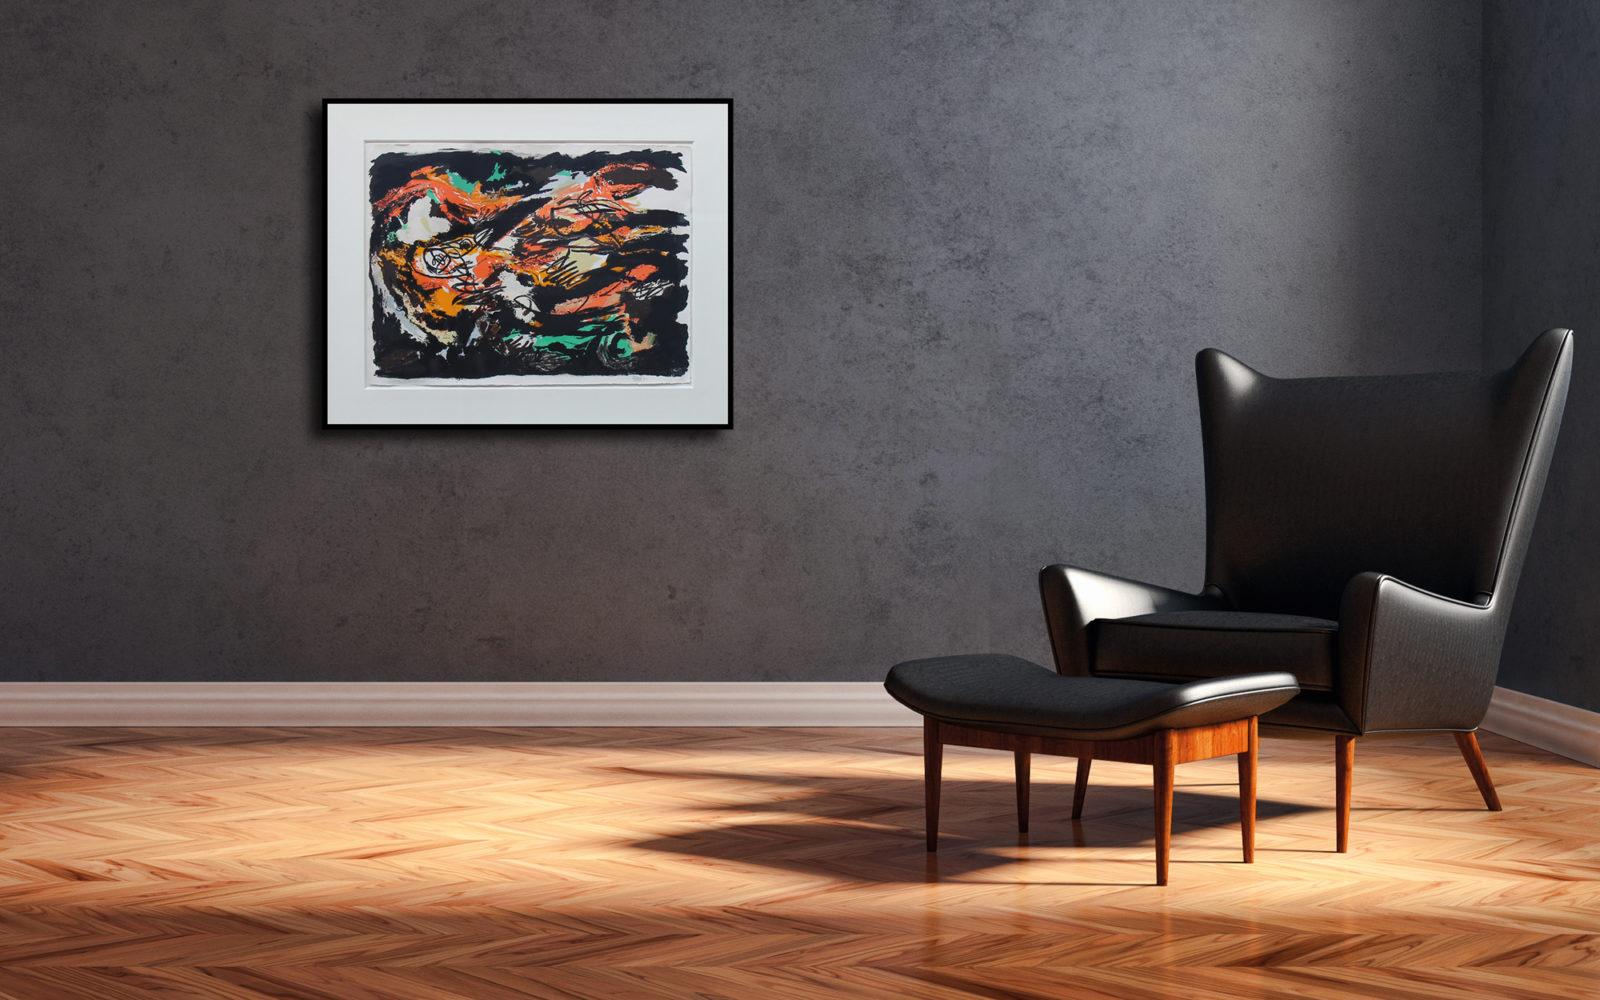 Black Mountains - lithografie 1960 100/80 cm €2200 (prijs & afmetingen incl. lijst)